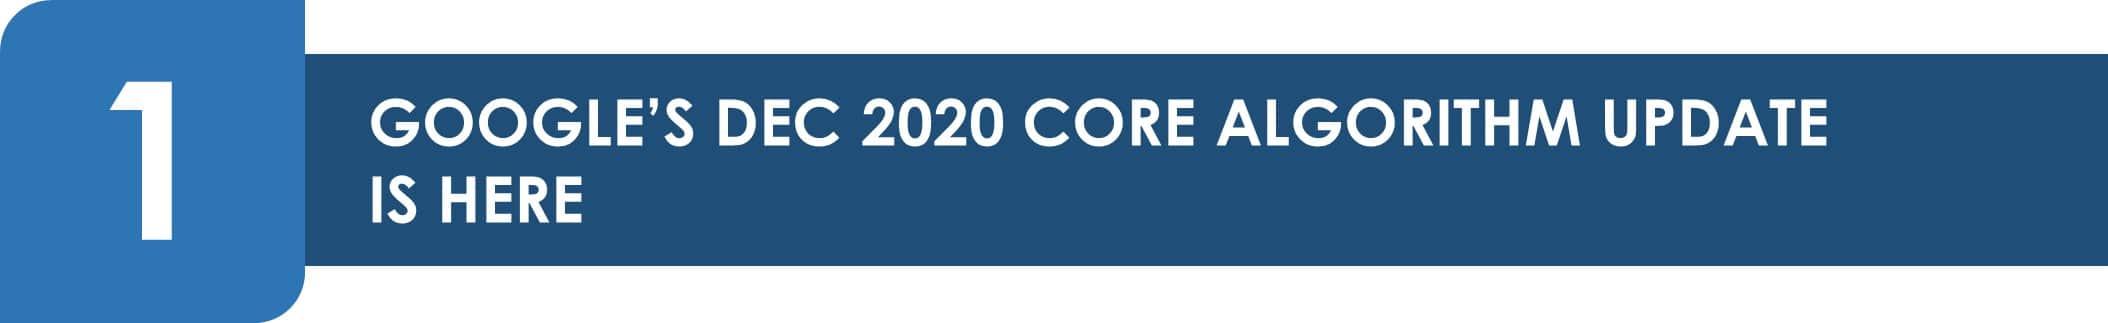 googles_dec_2020_core_algorithim_update_is_here